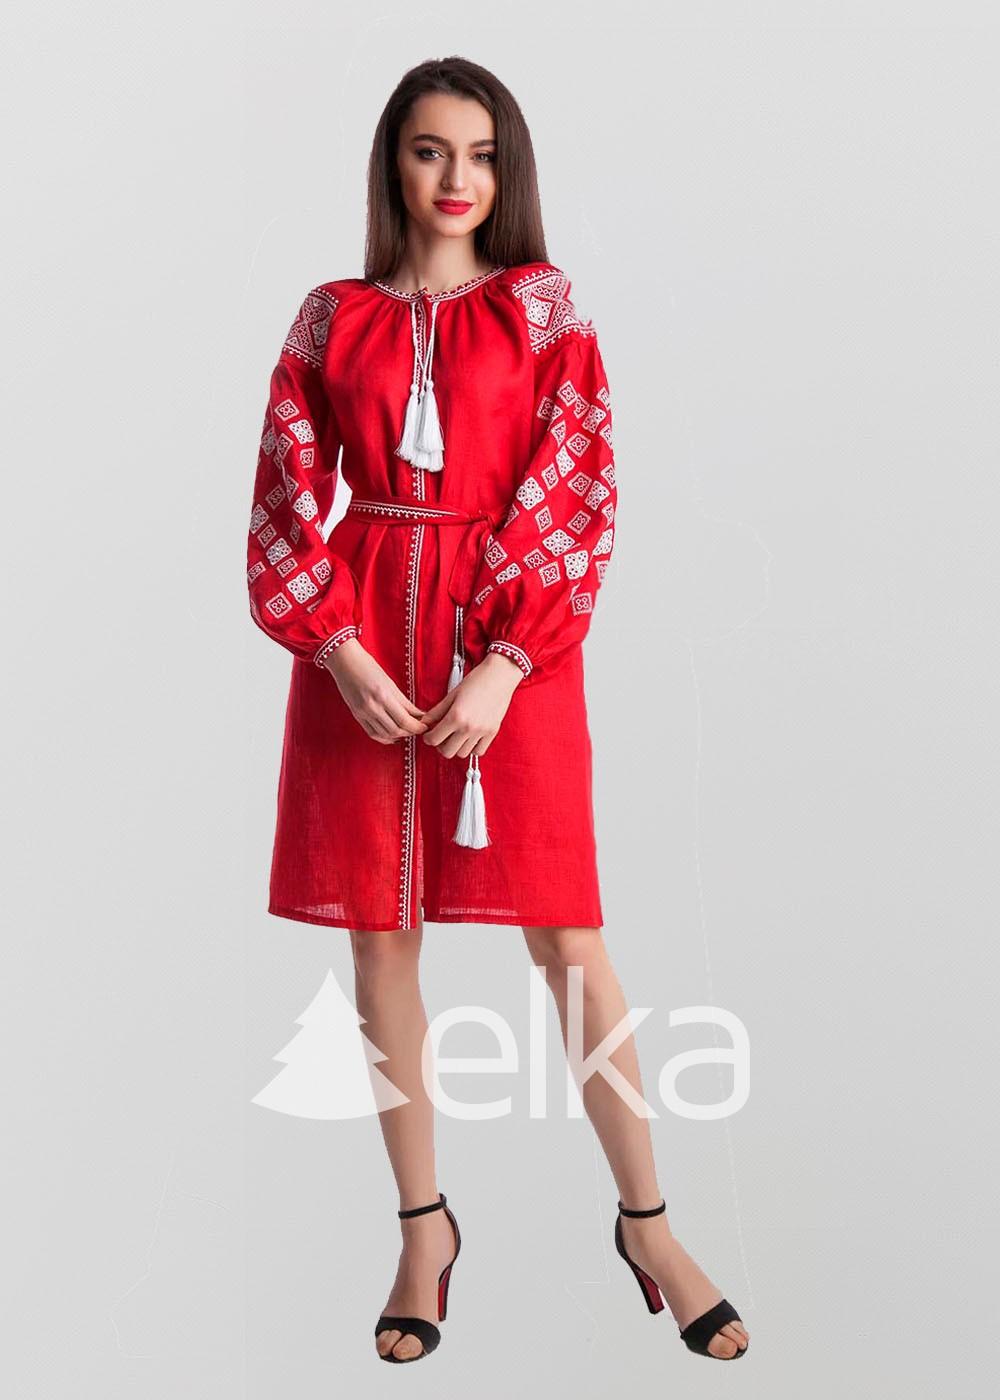 Платье вышиванка Окошко красное